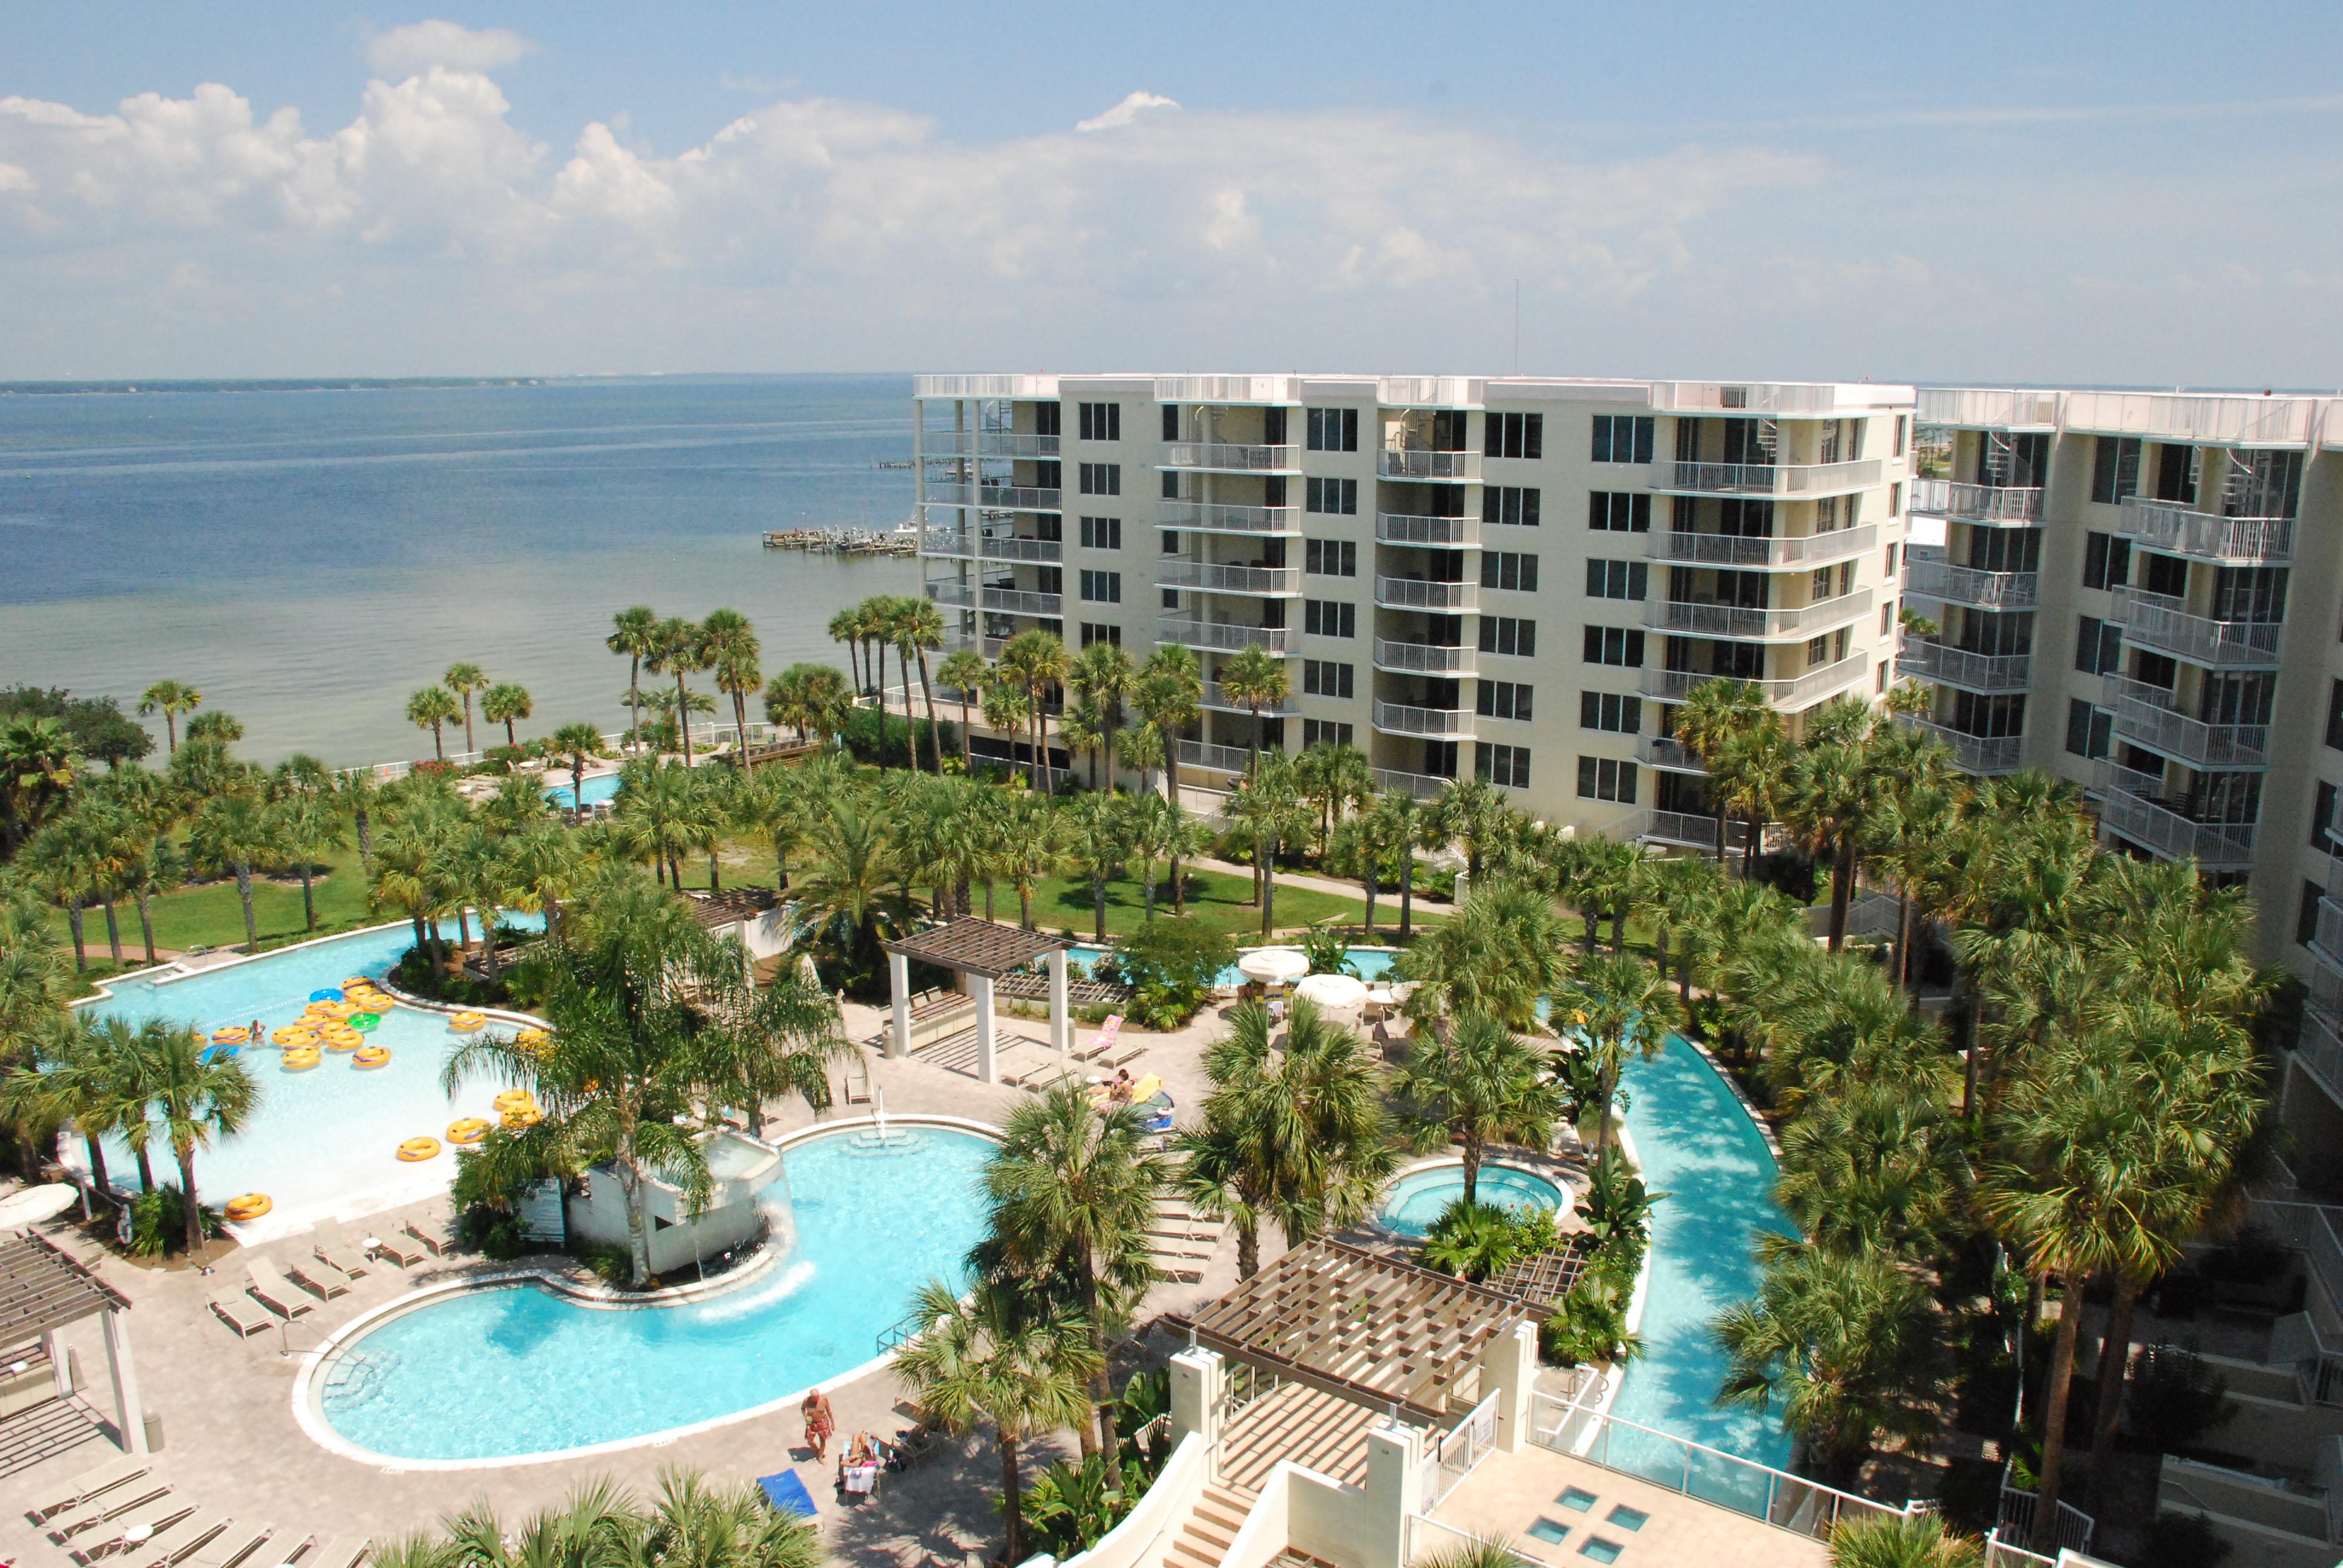 Destin West in Beautiful Destin, Florida